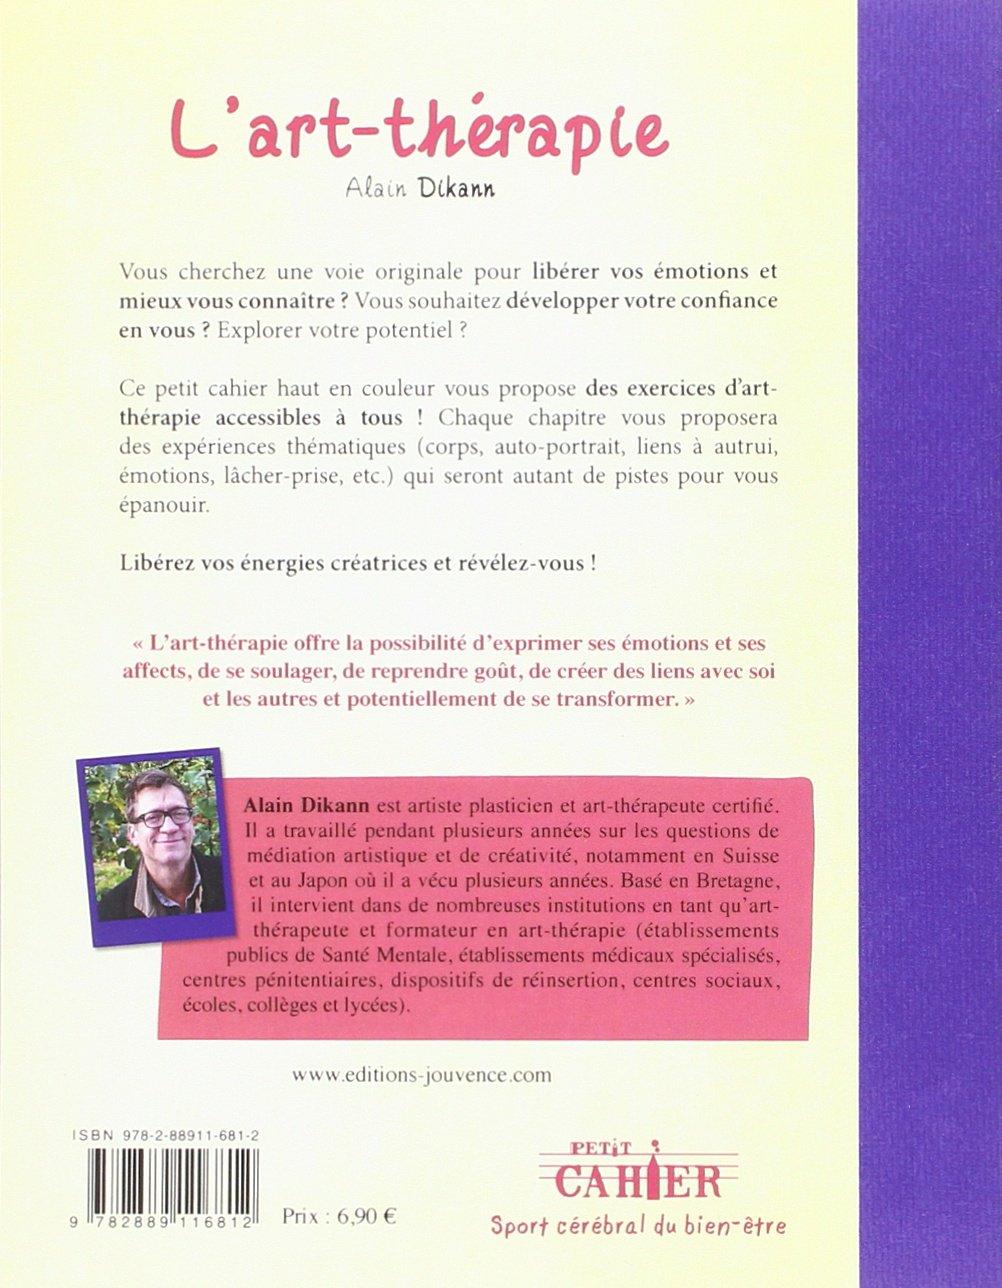 Admirable Amazon.fr - Petit cahier d'exercices d'art-thérapie - Alain Dikann DB-12